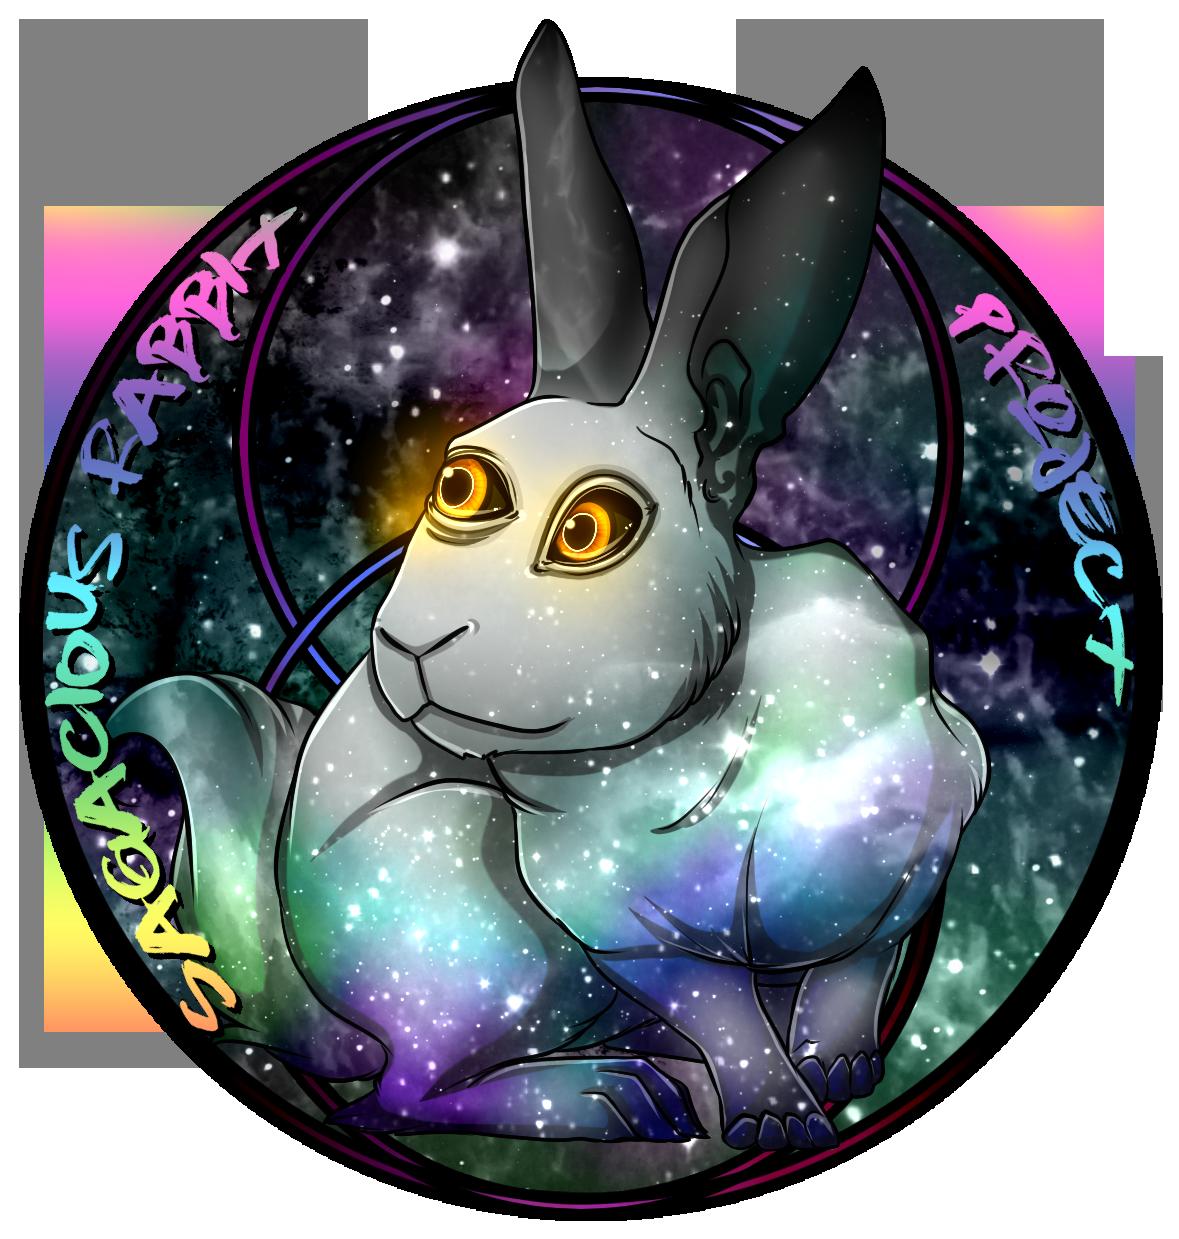 Sagacious Rabbit Project